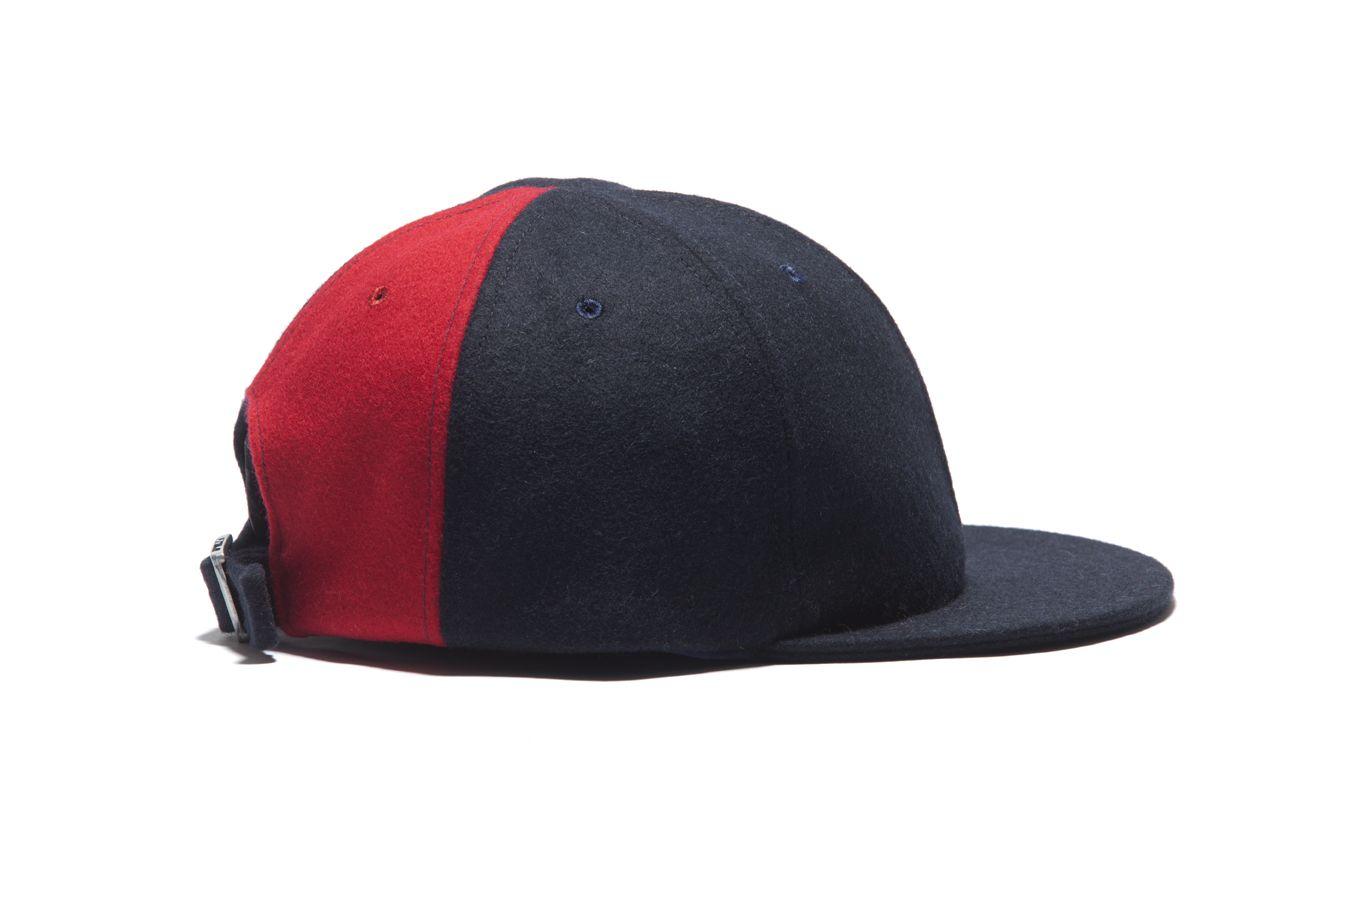 Larose Paris Navy/Red Colorbloc Baseball FW15 #LaroseParis #MadeInFrance #Red #Navy #Baseball